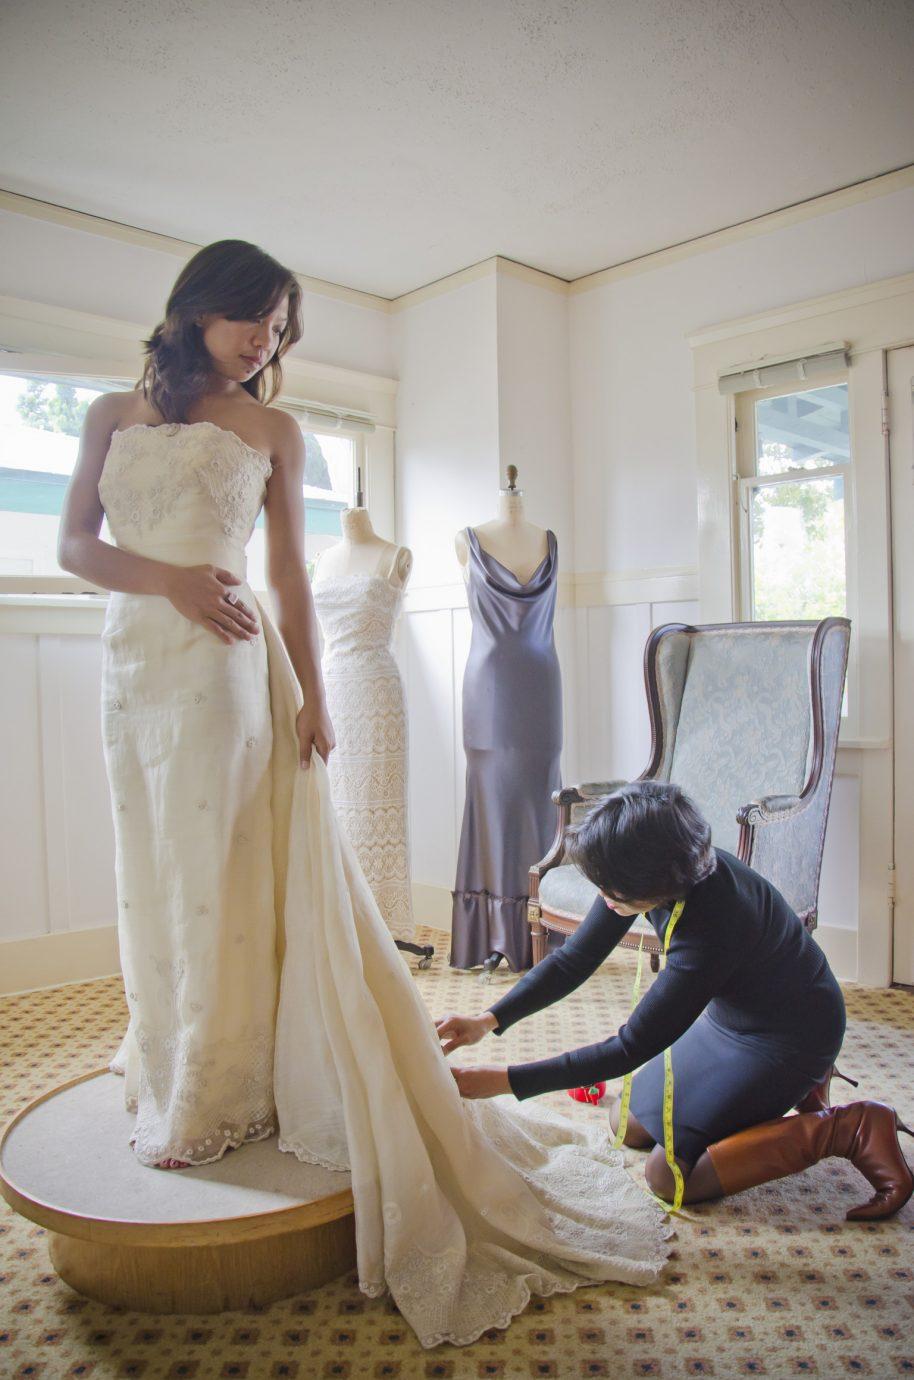 Esküvői ruhapróba során történő igazítás.